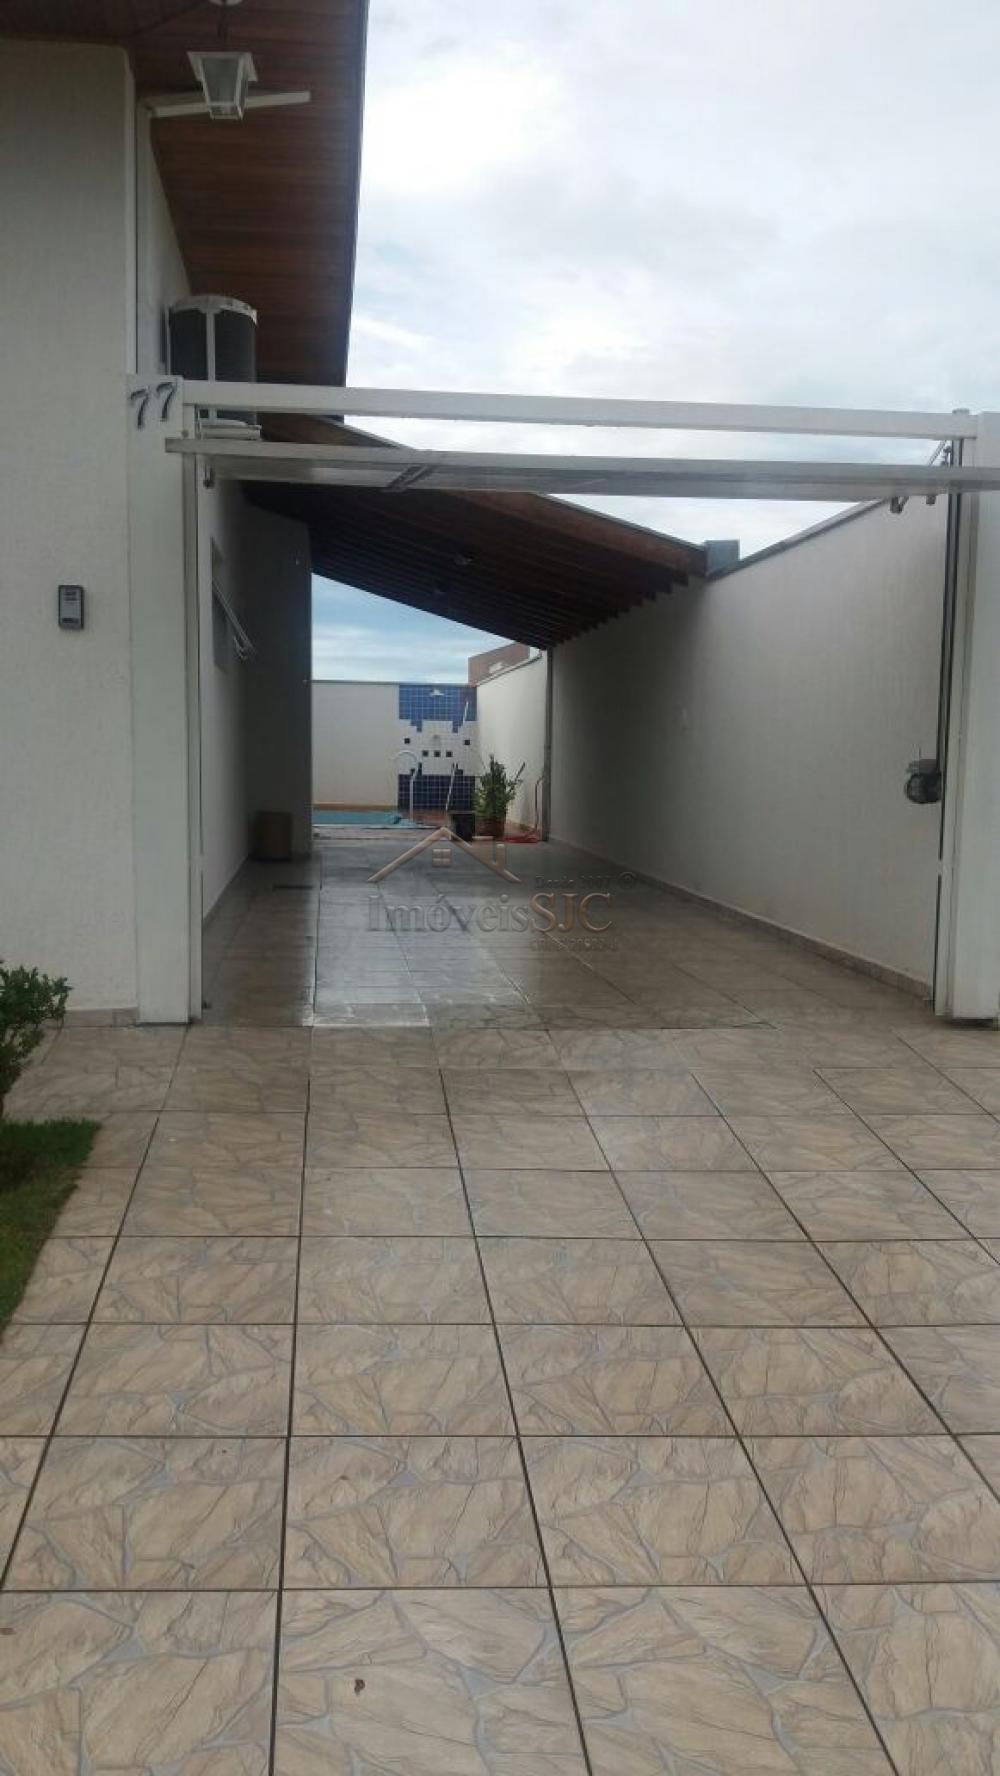 Comprar Casas / Condomínio em Caçapava apenas R$ 585.000,00 - Foto 15